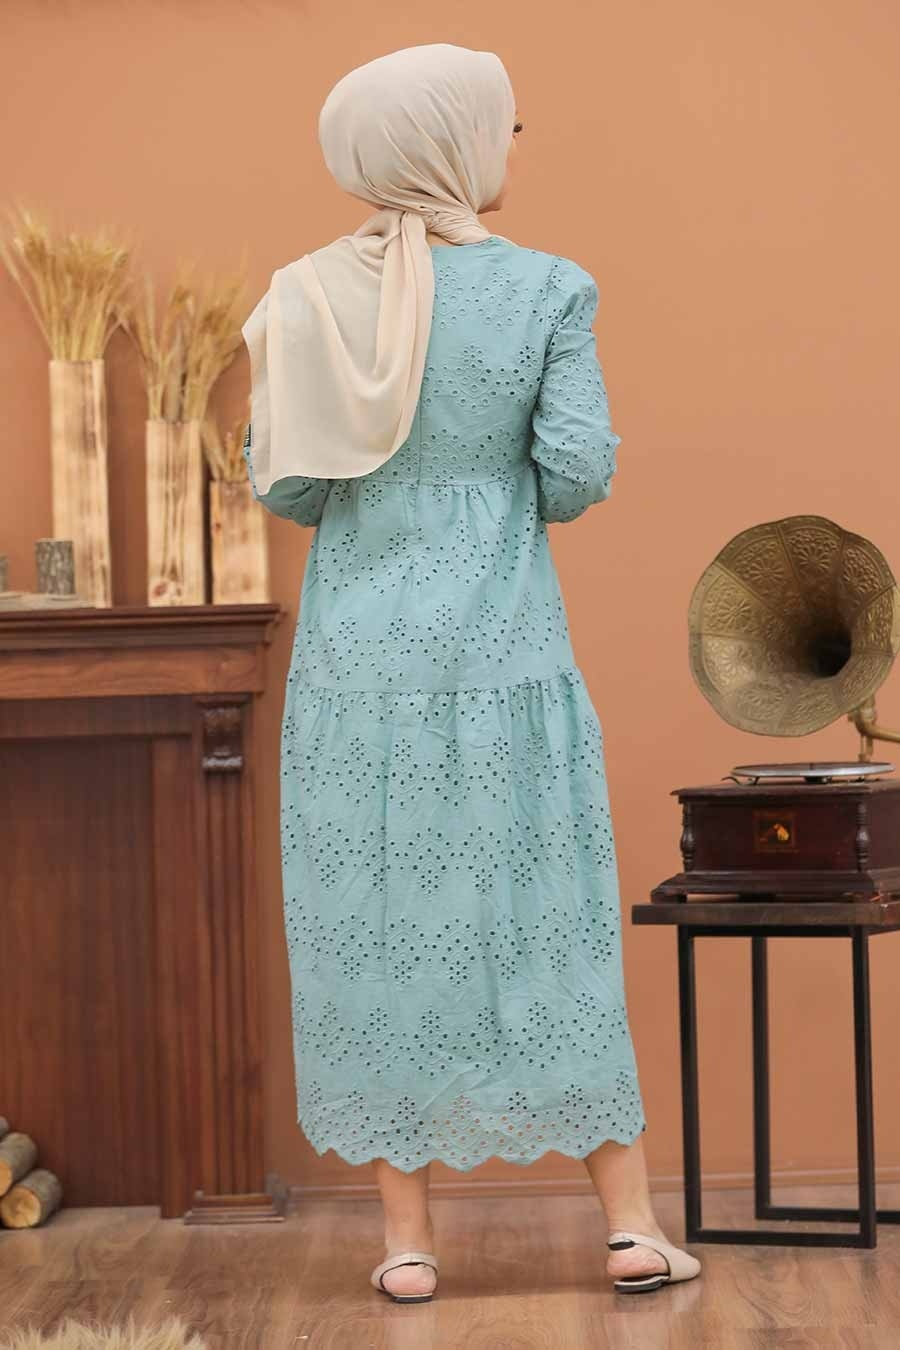 Neva Style - Kol Ucu Lastikli Çağla Yeşili Tesettür Elbise 1073CY